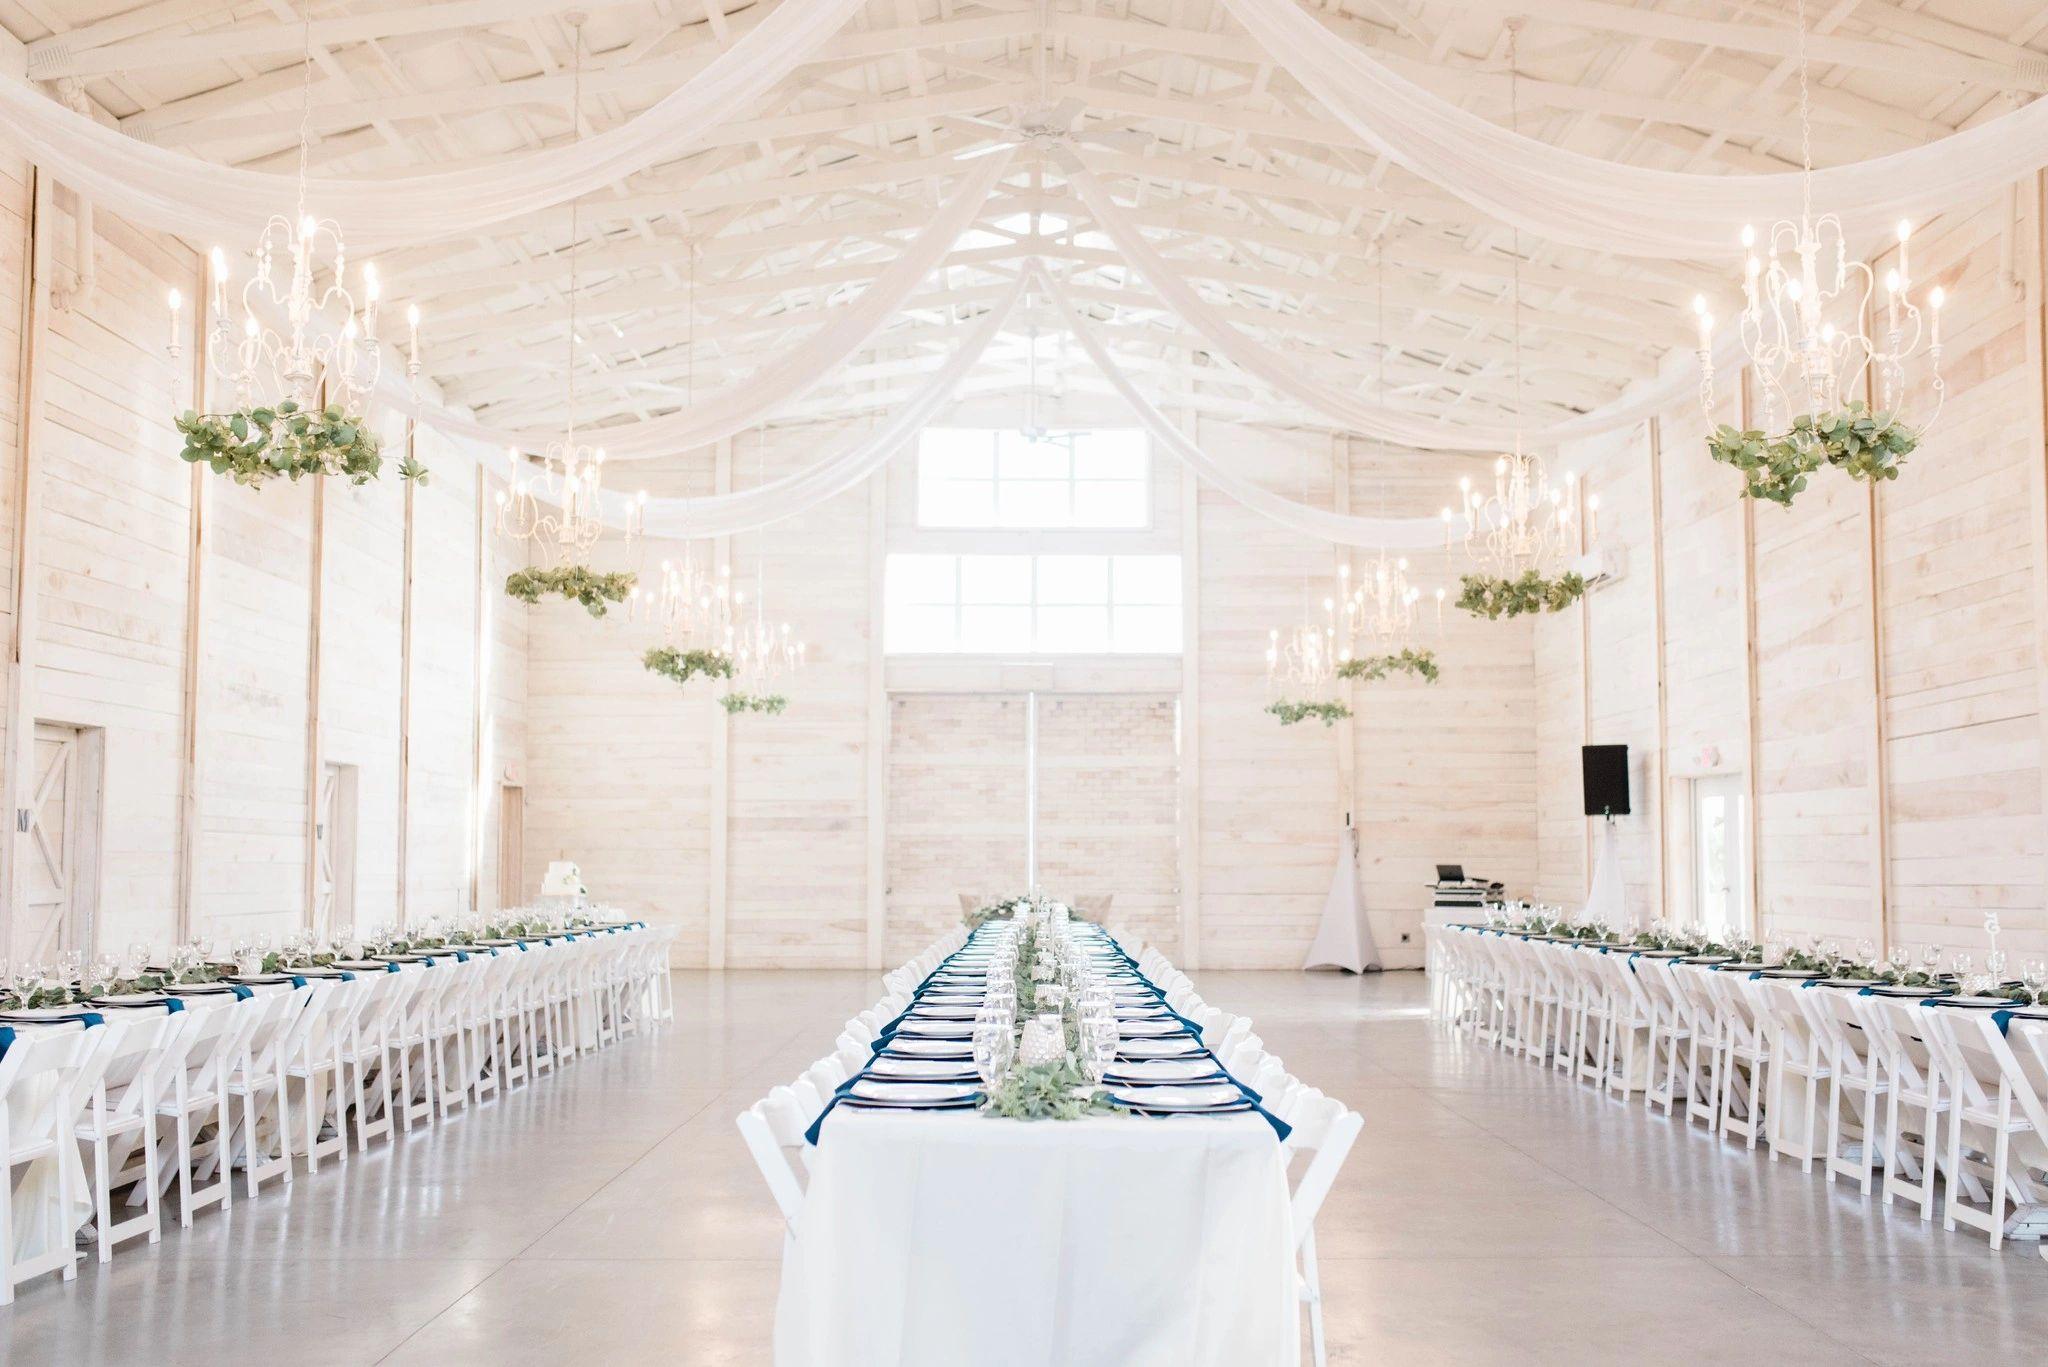 Wedding Venue The White Dove Barn